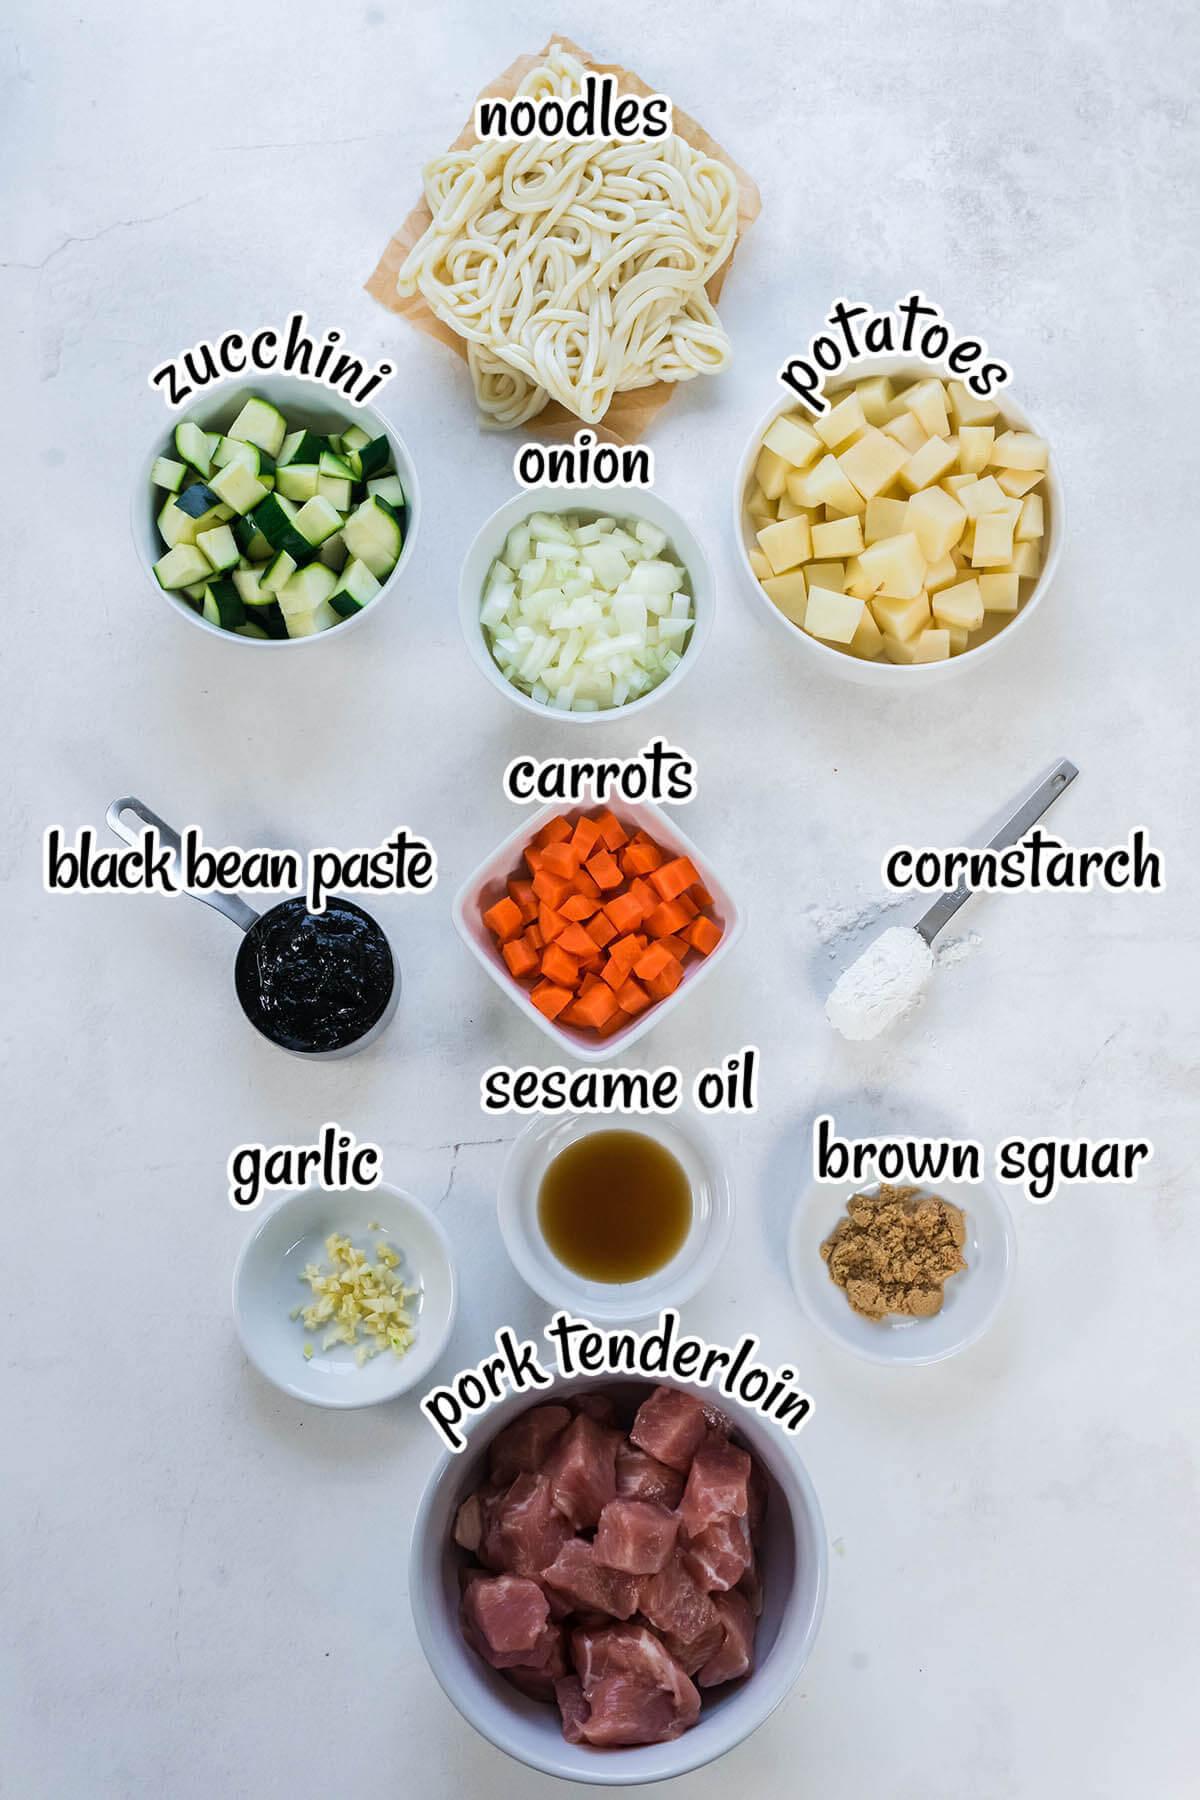 All of the ingredients needed to make Jjajangmyeon, Korean Black Noodles.